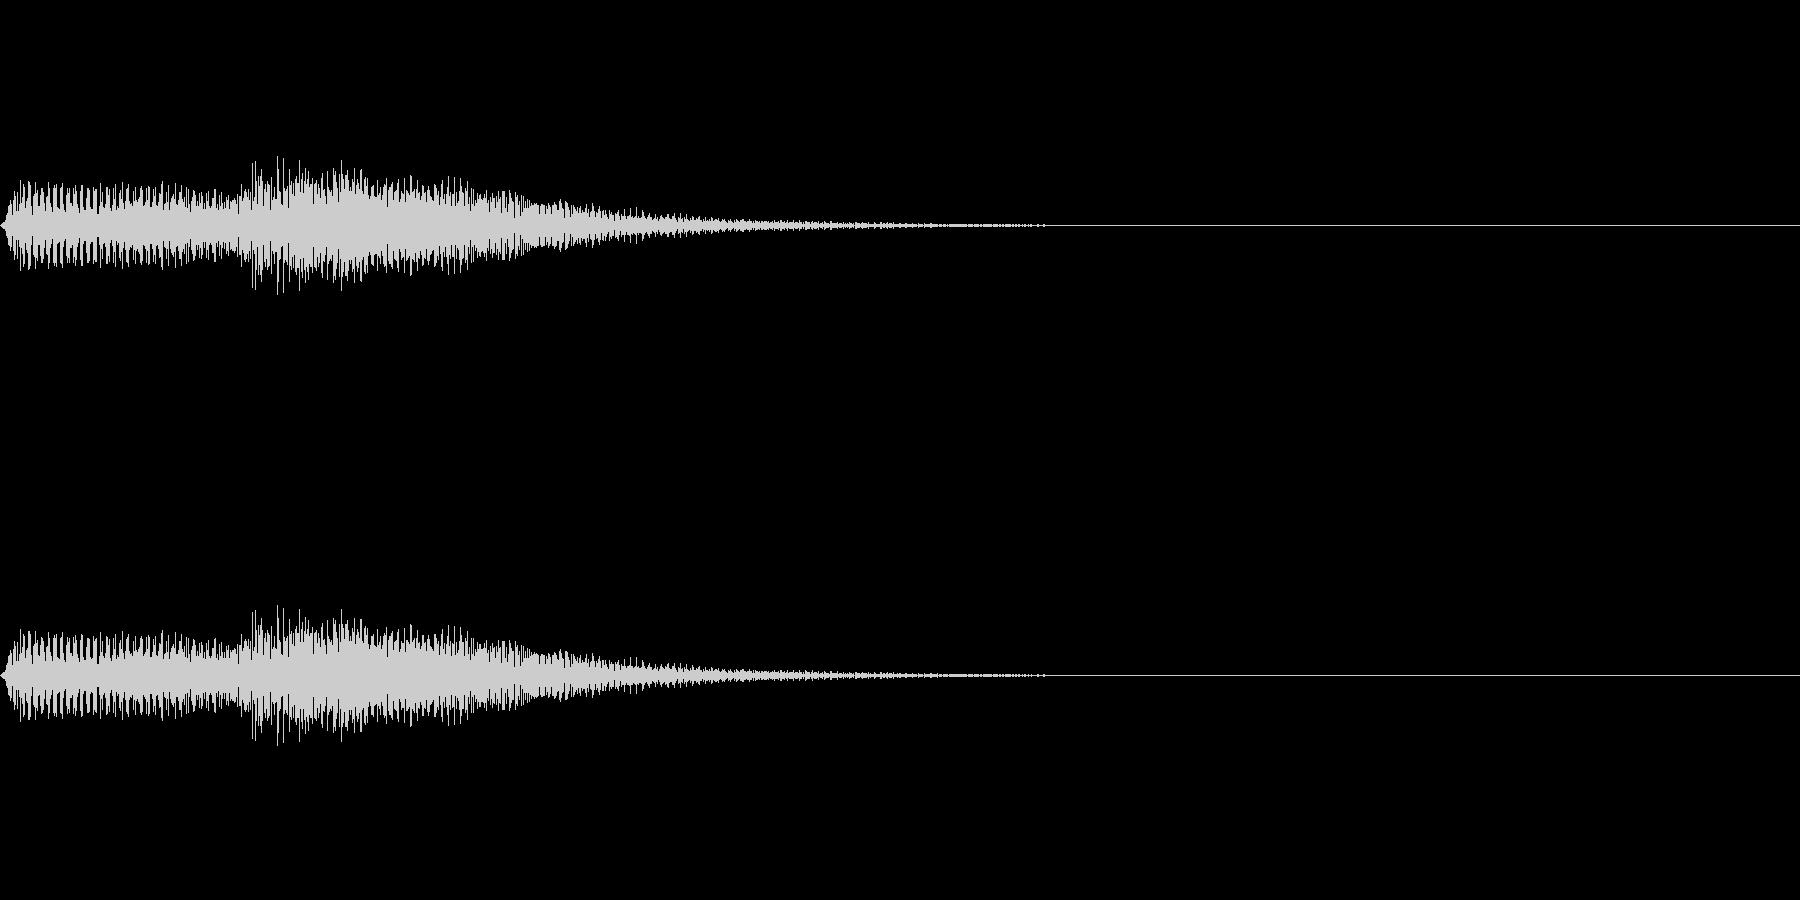 タタン(ピアノのエラー音)の未再生の波形